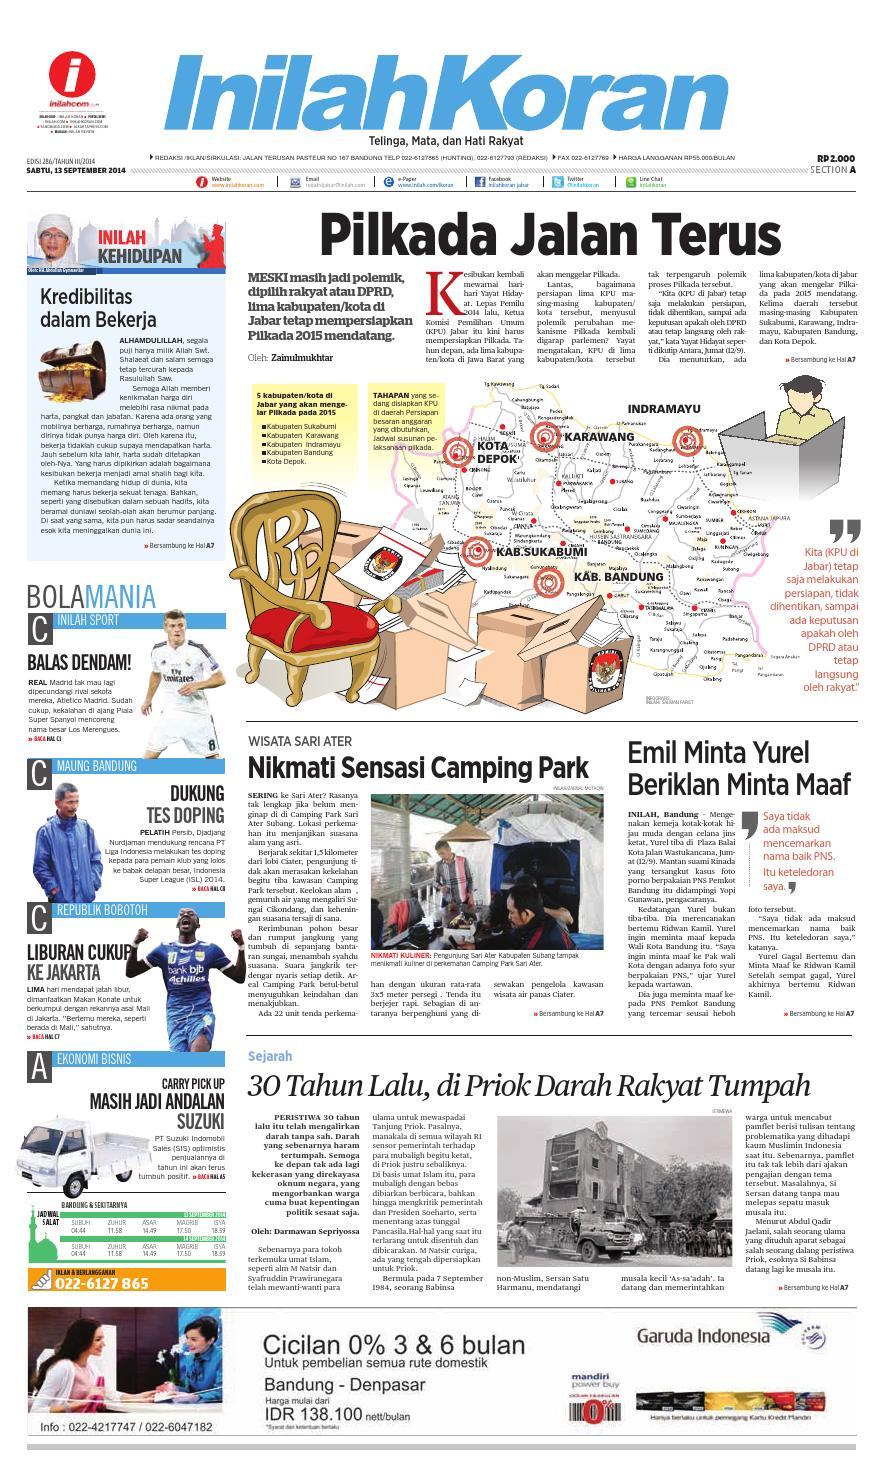 Pilkada Jalan Terus By Inilah Koran Issuu